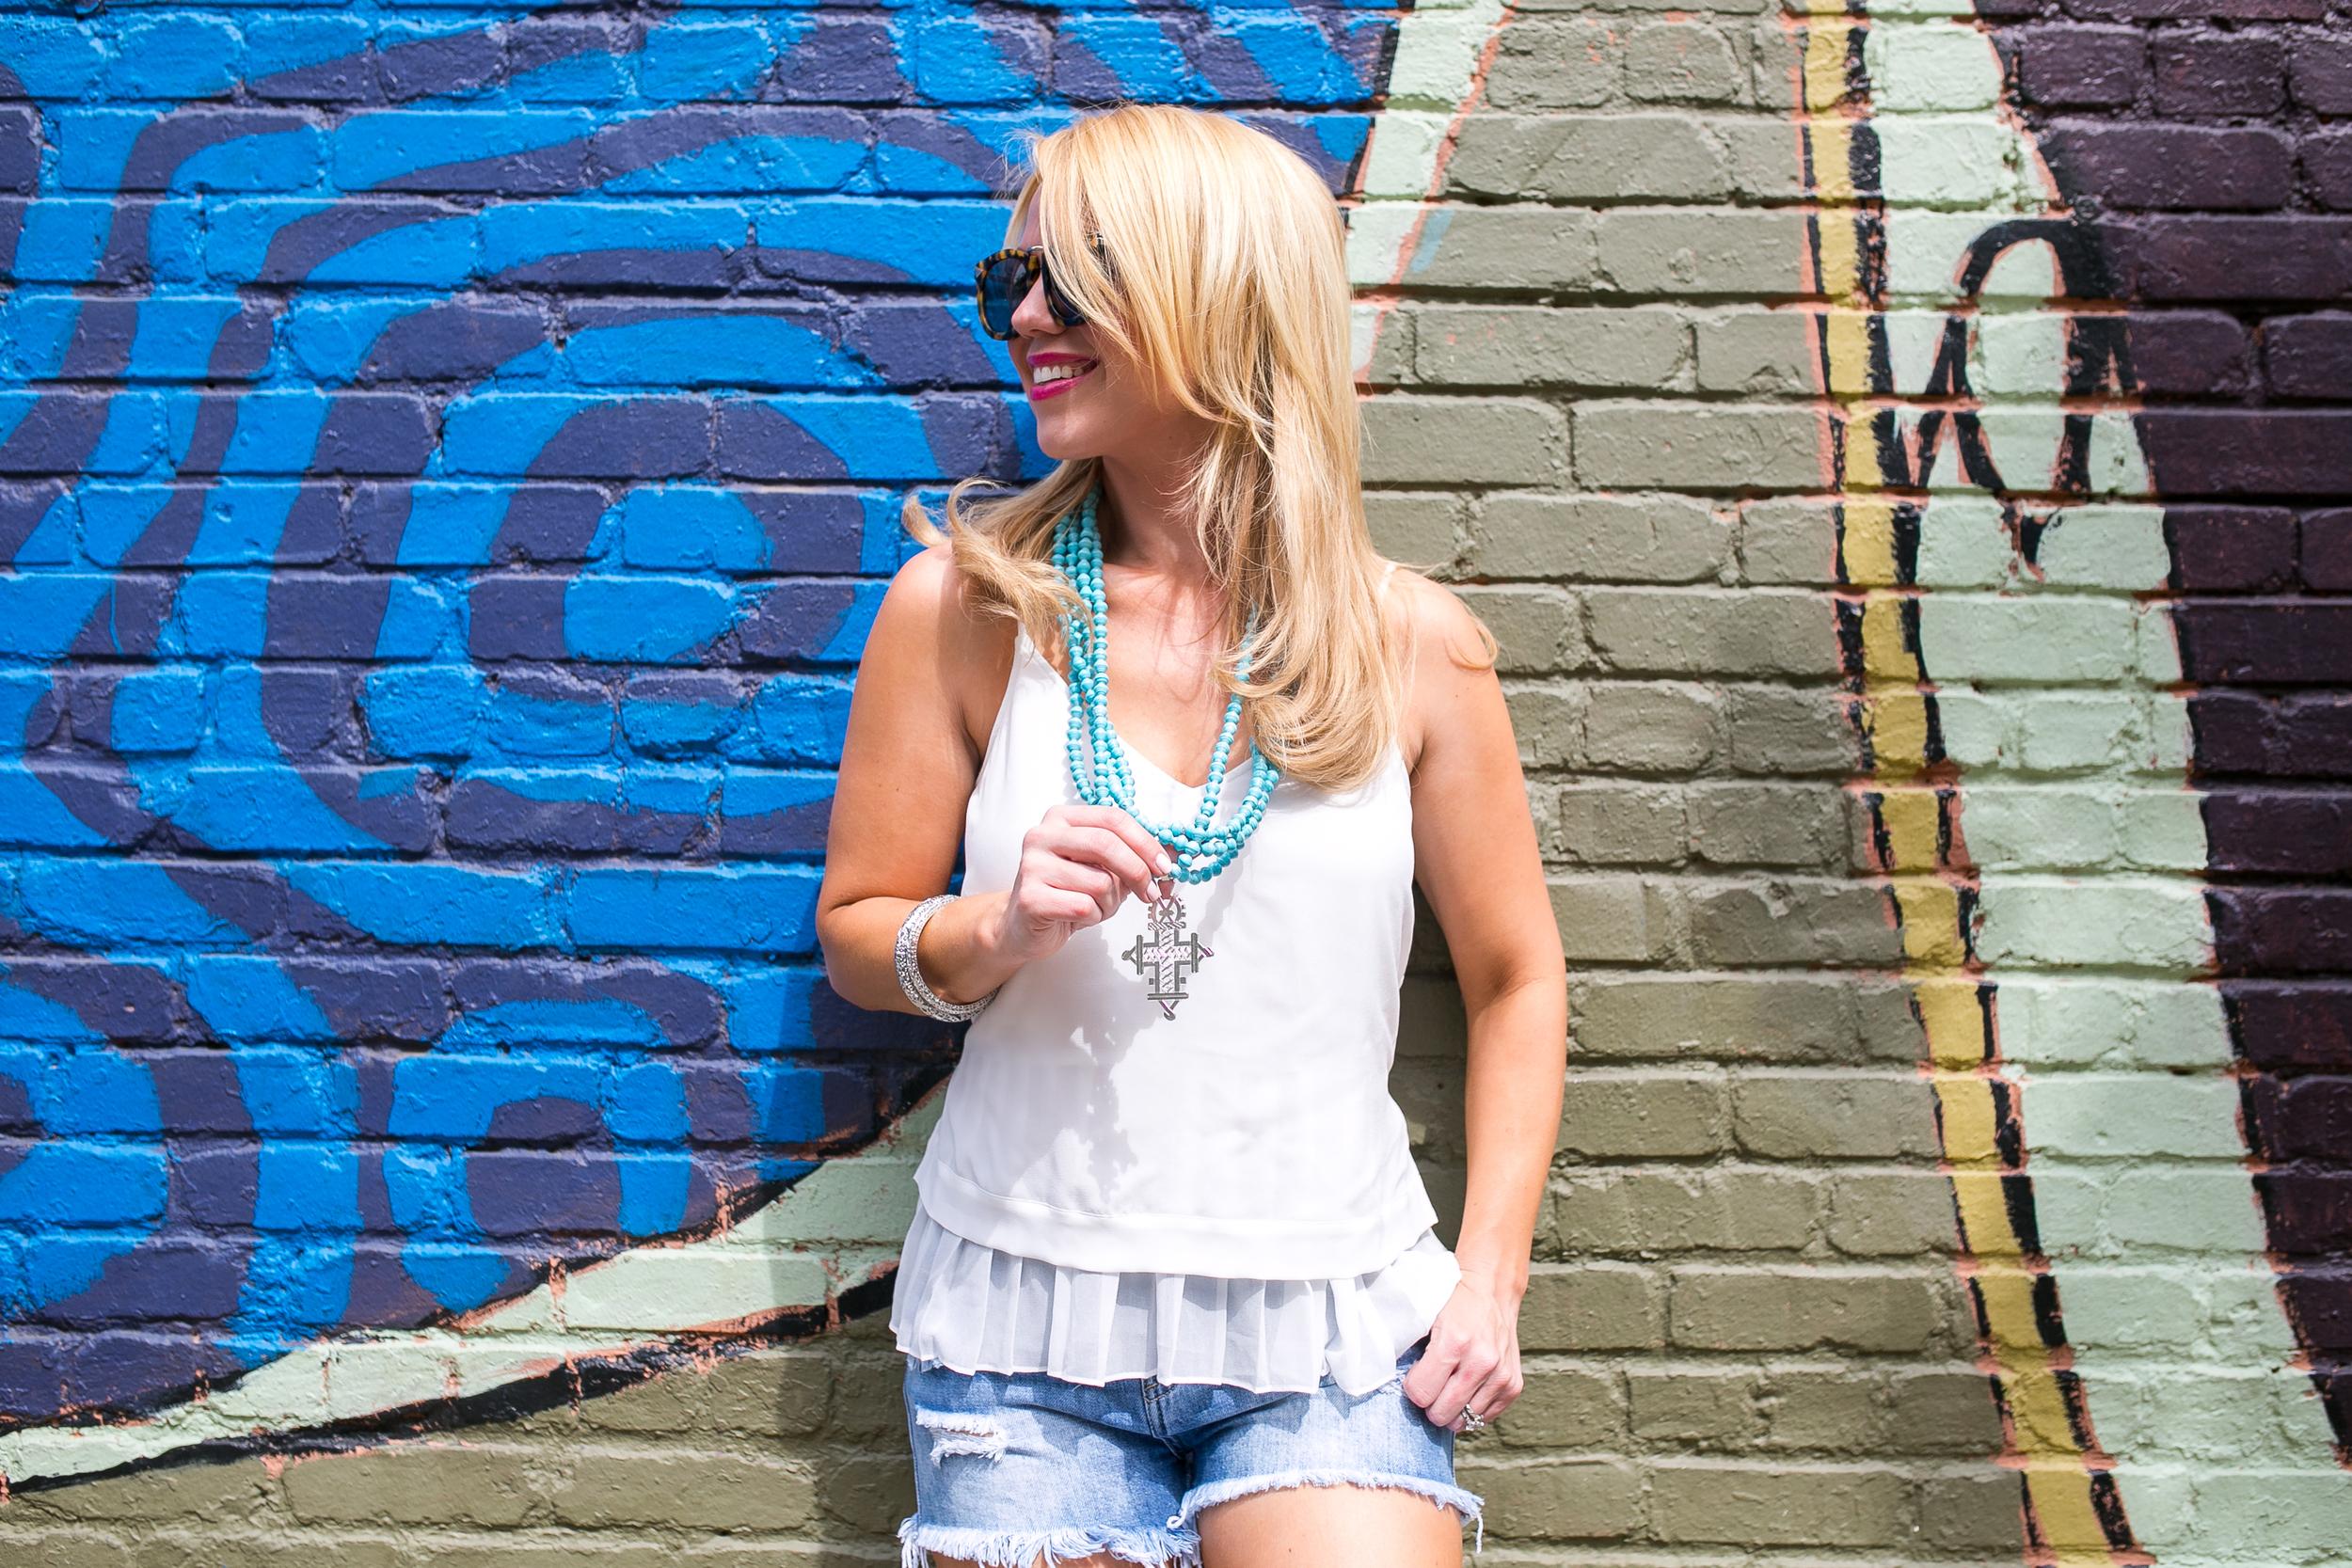 36aa7ef8dd81 akola project — Atlanta Fashion Blogger - Edit by Lauren